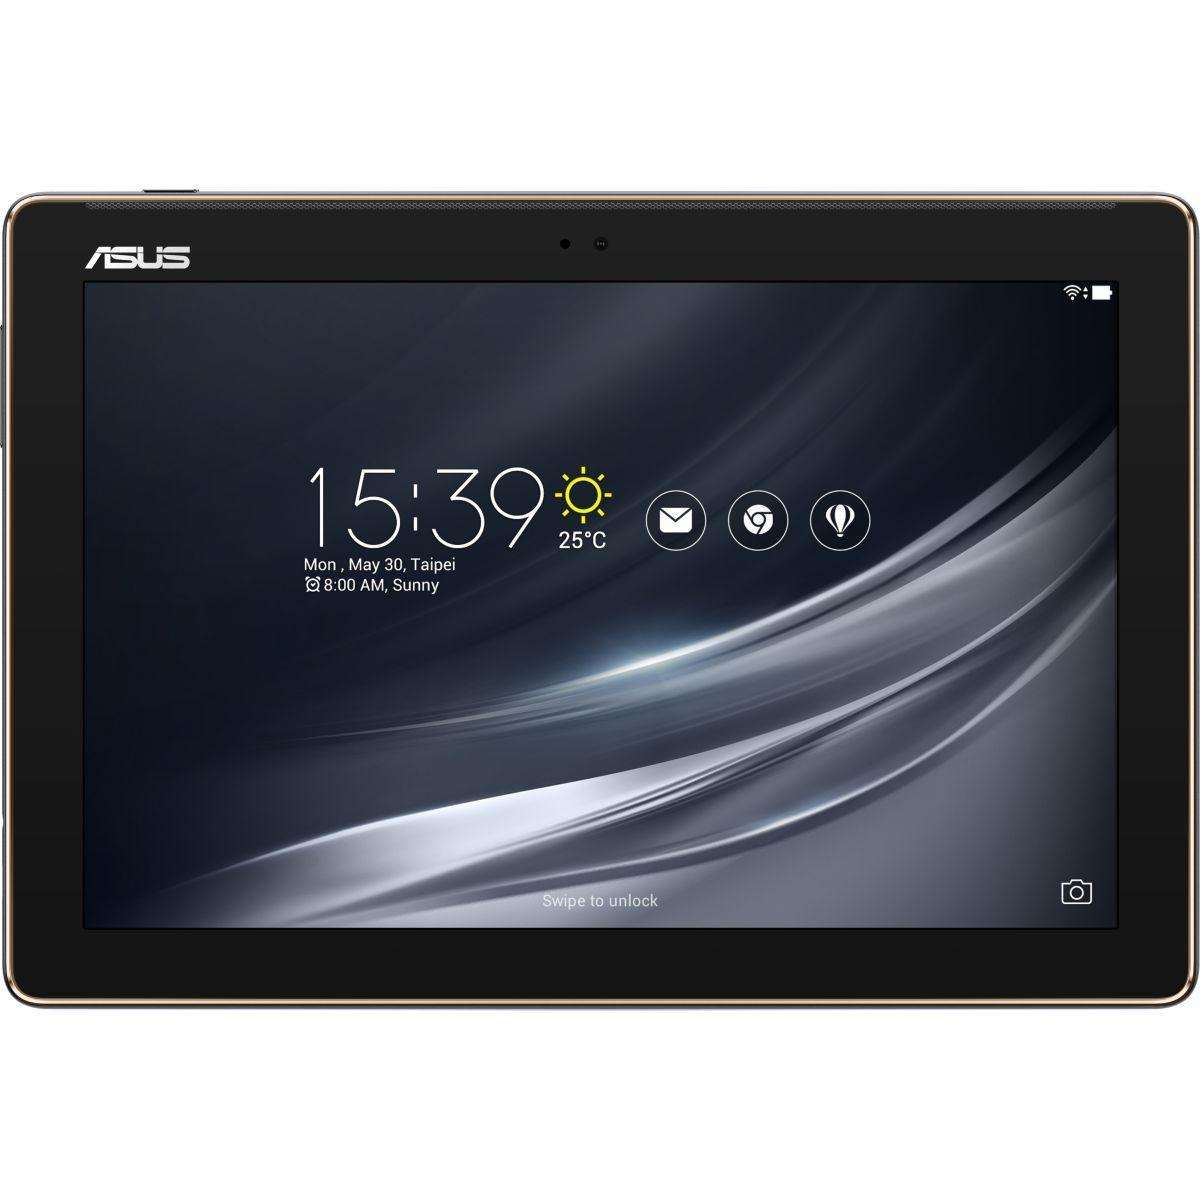 Tablette Android ASUS Z0130M-1D002A 16Go Bleue